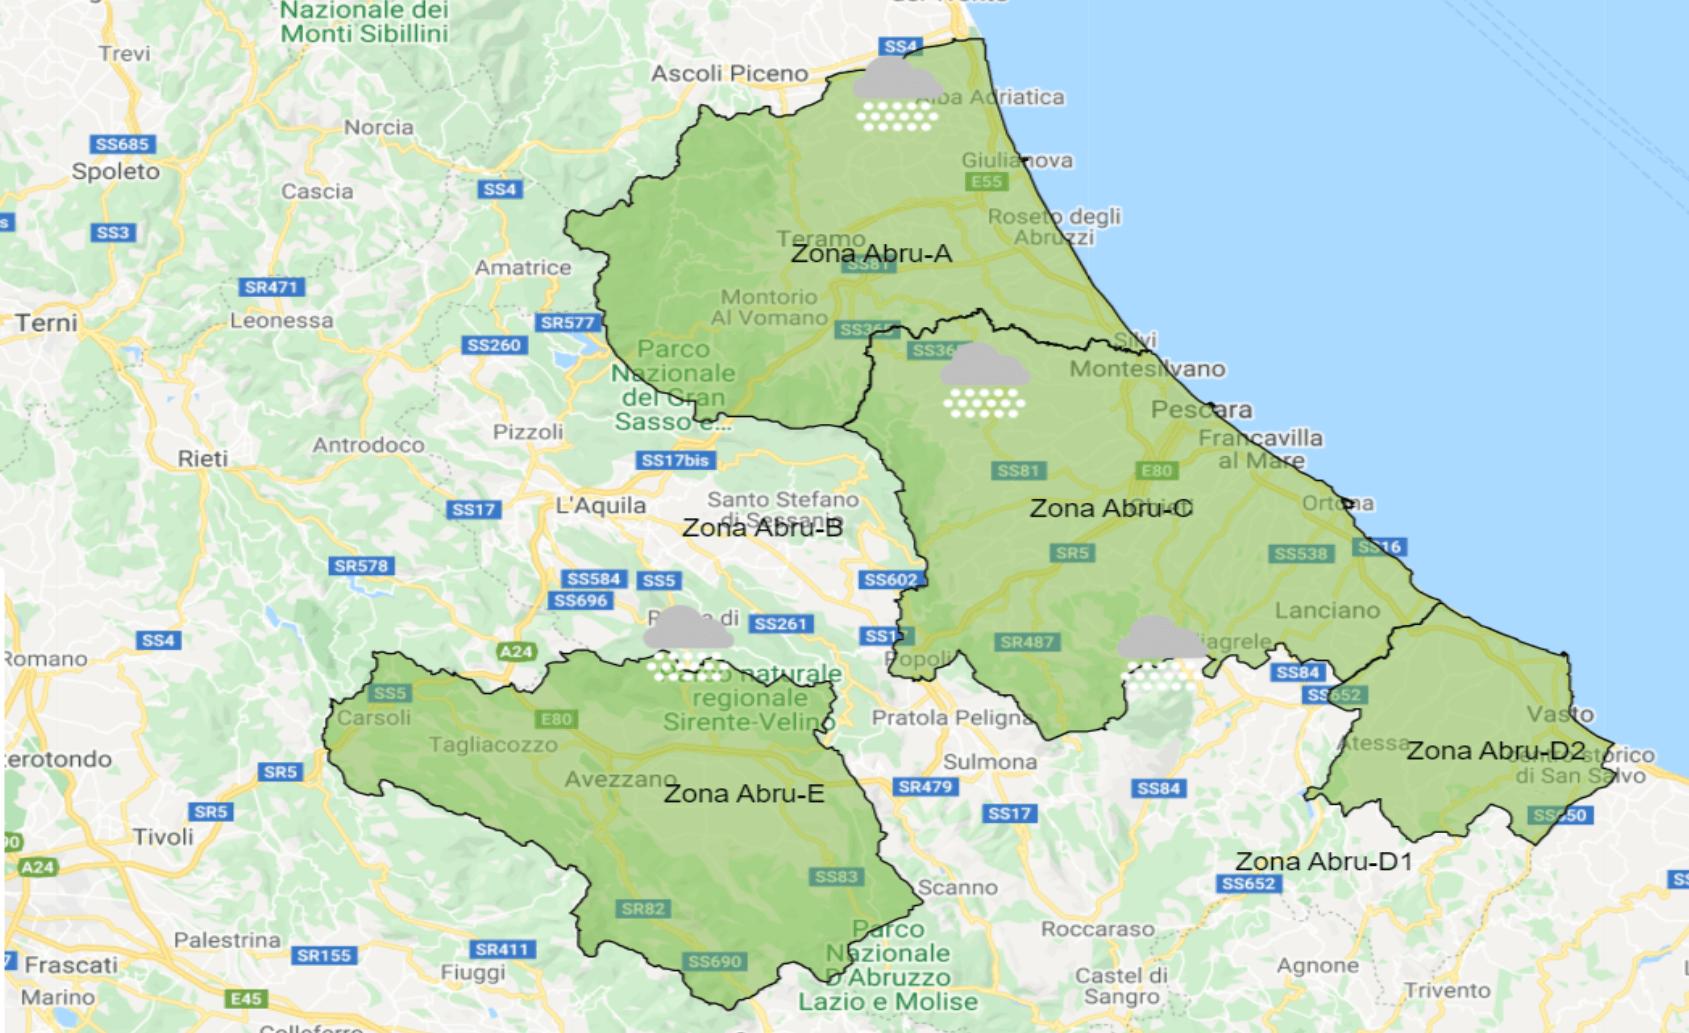 Cartina Dettagliata Abruzzo.Aria Gelida Dai Balcani Neve In Abruzzo Anche A Bassa Quota Ultime Notizie Cityrumors It News Ultima Ora